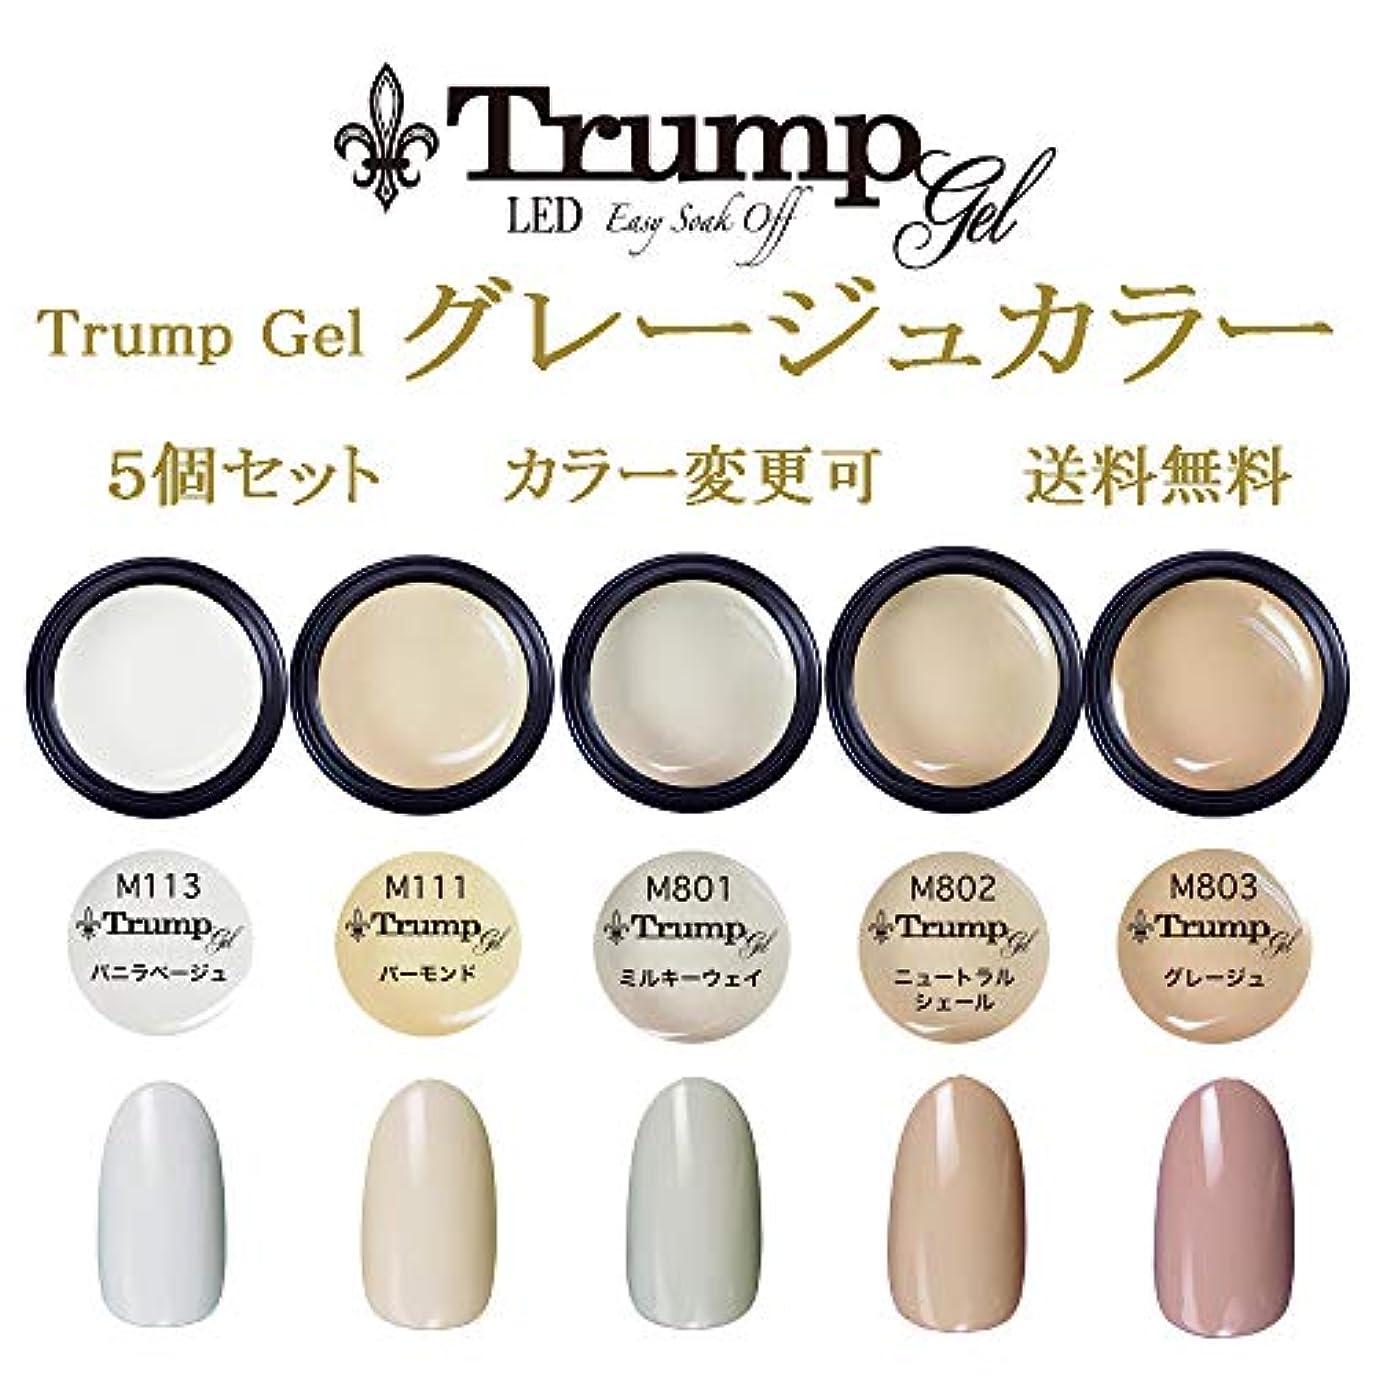 安全練習青写真日本製 Trump gel トランプジェル グレージュカラー 選べる カラージェル 5個セット ホワイト ベージュ ピンク スモーク